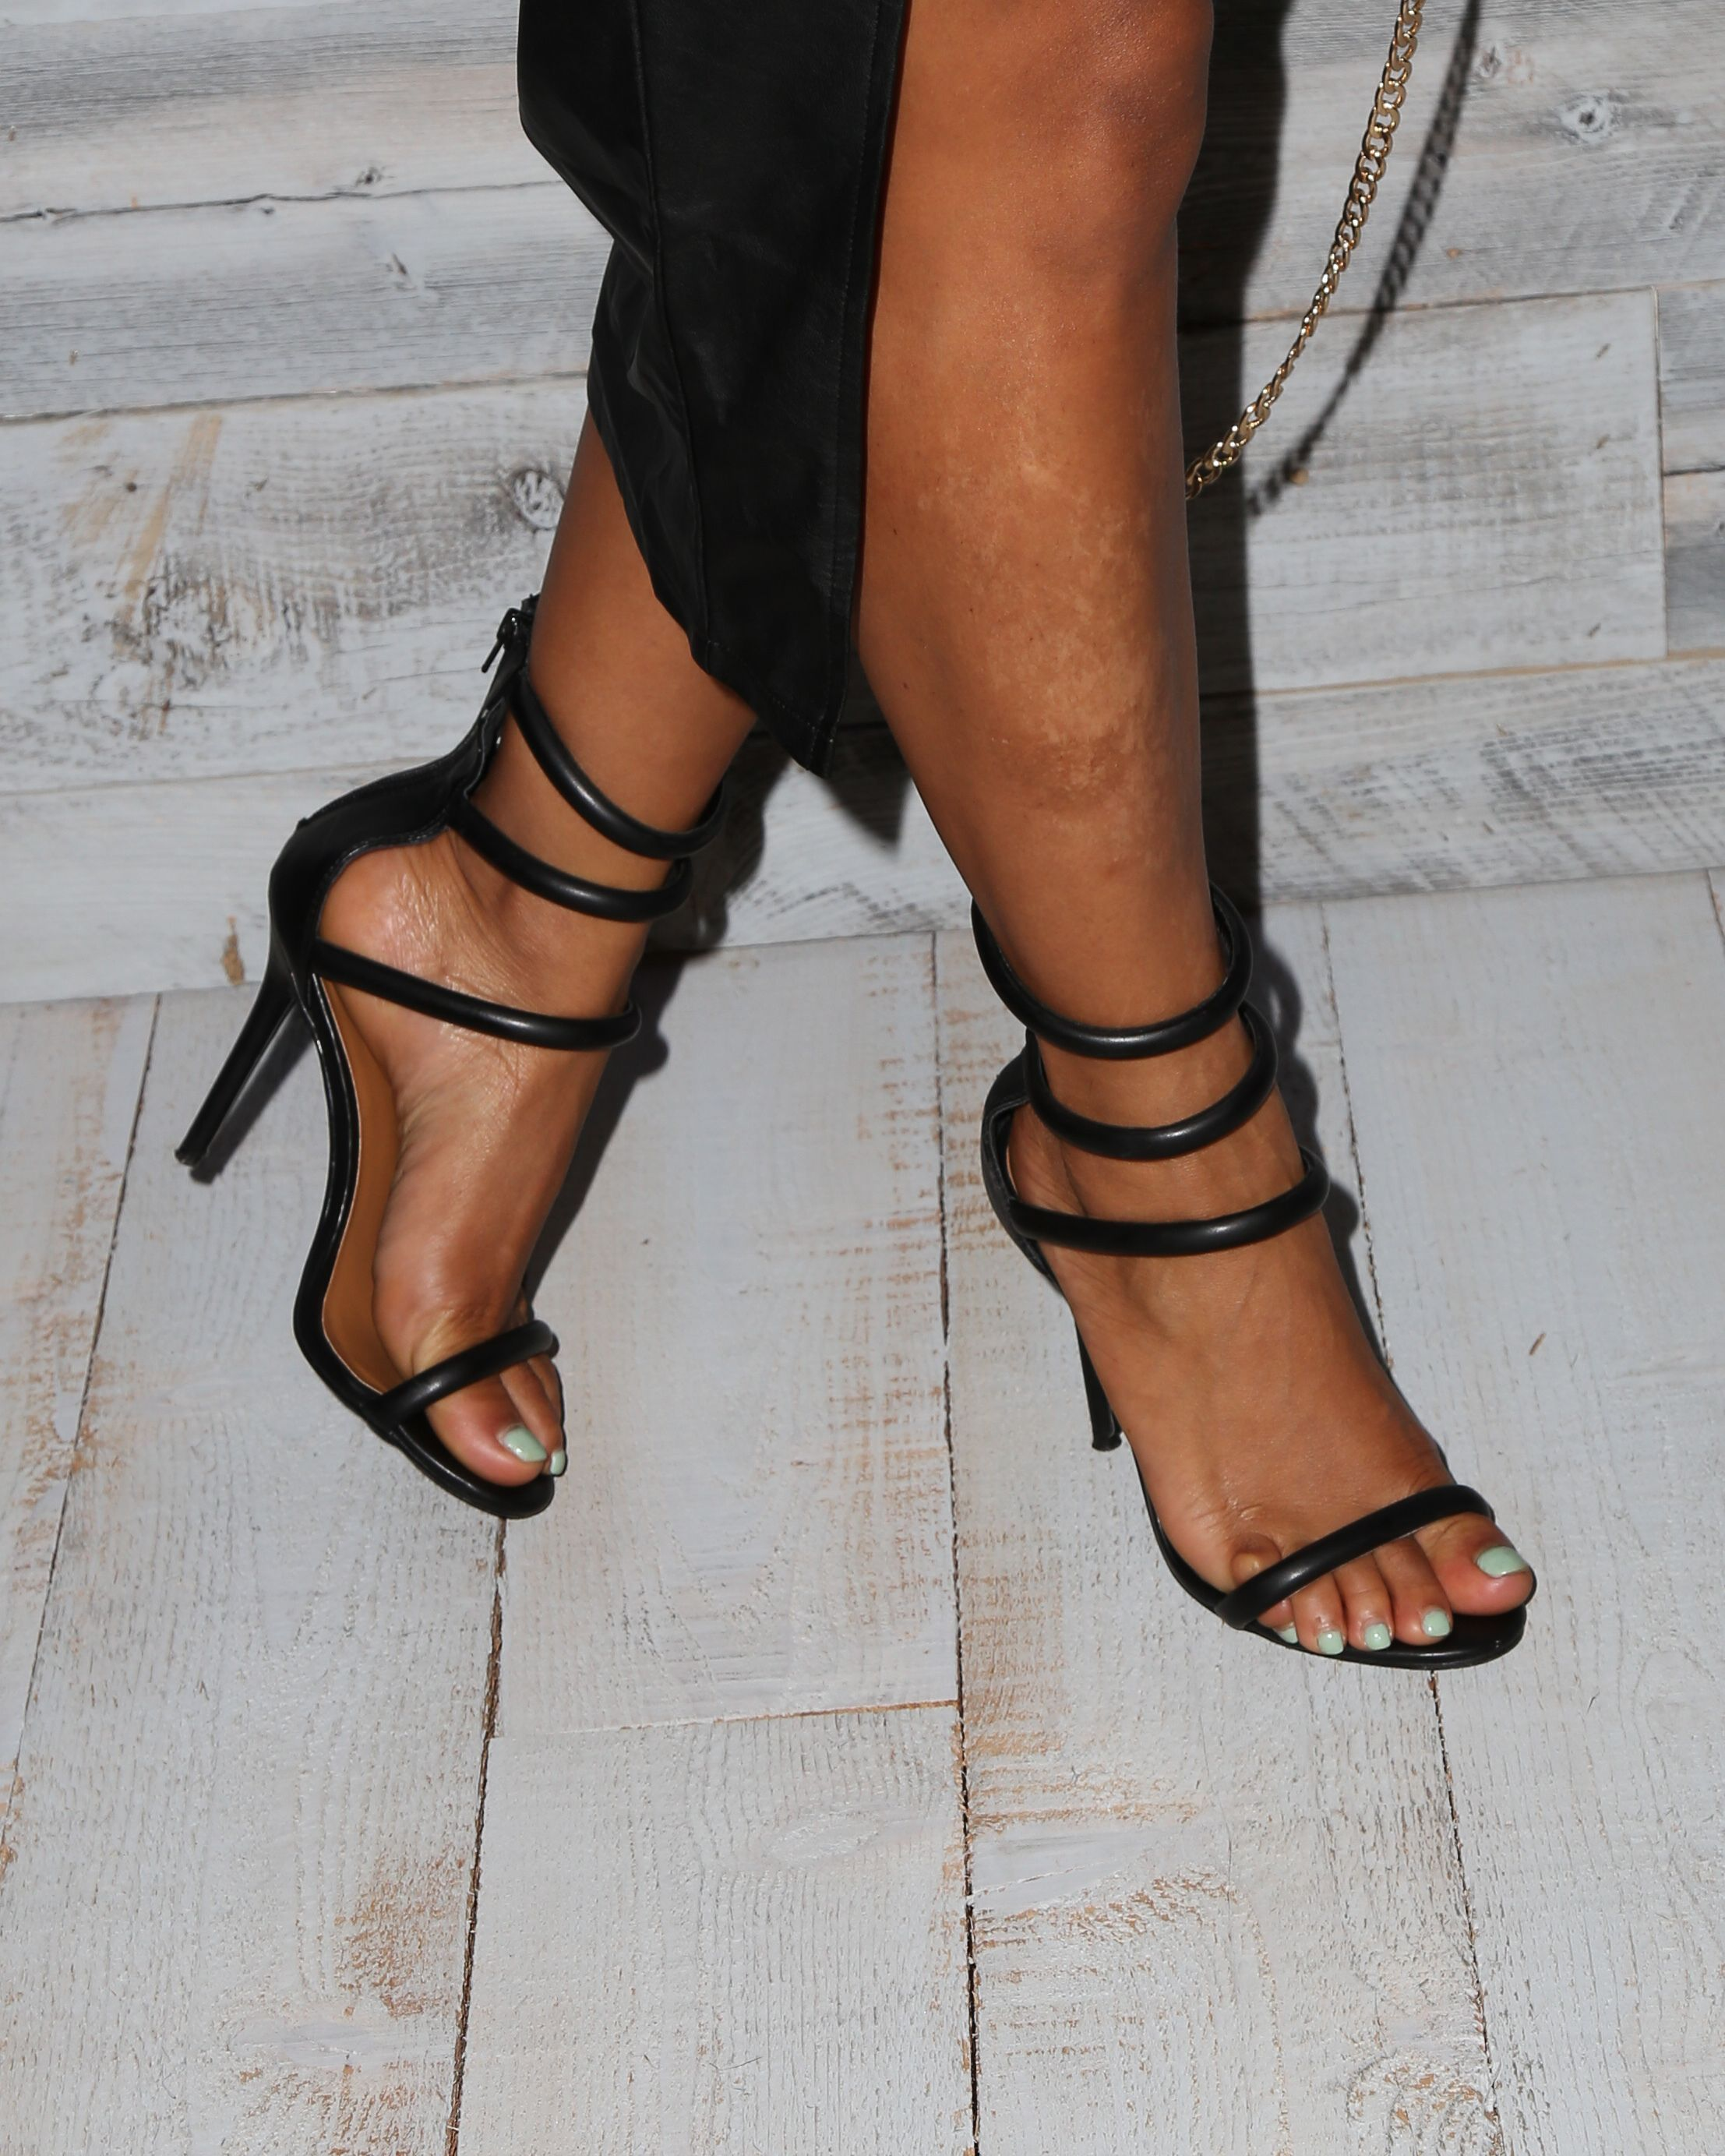 Feet Christina Milian nude photos 2019